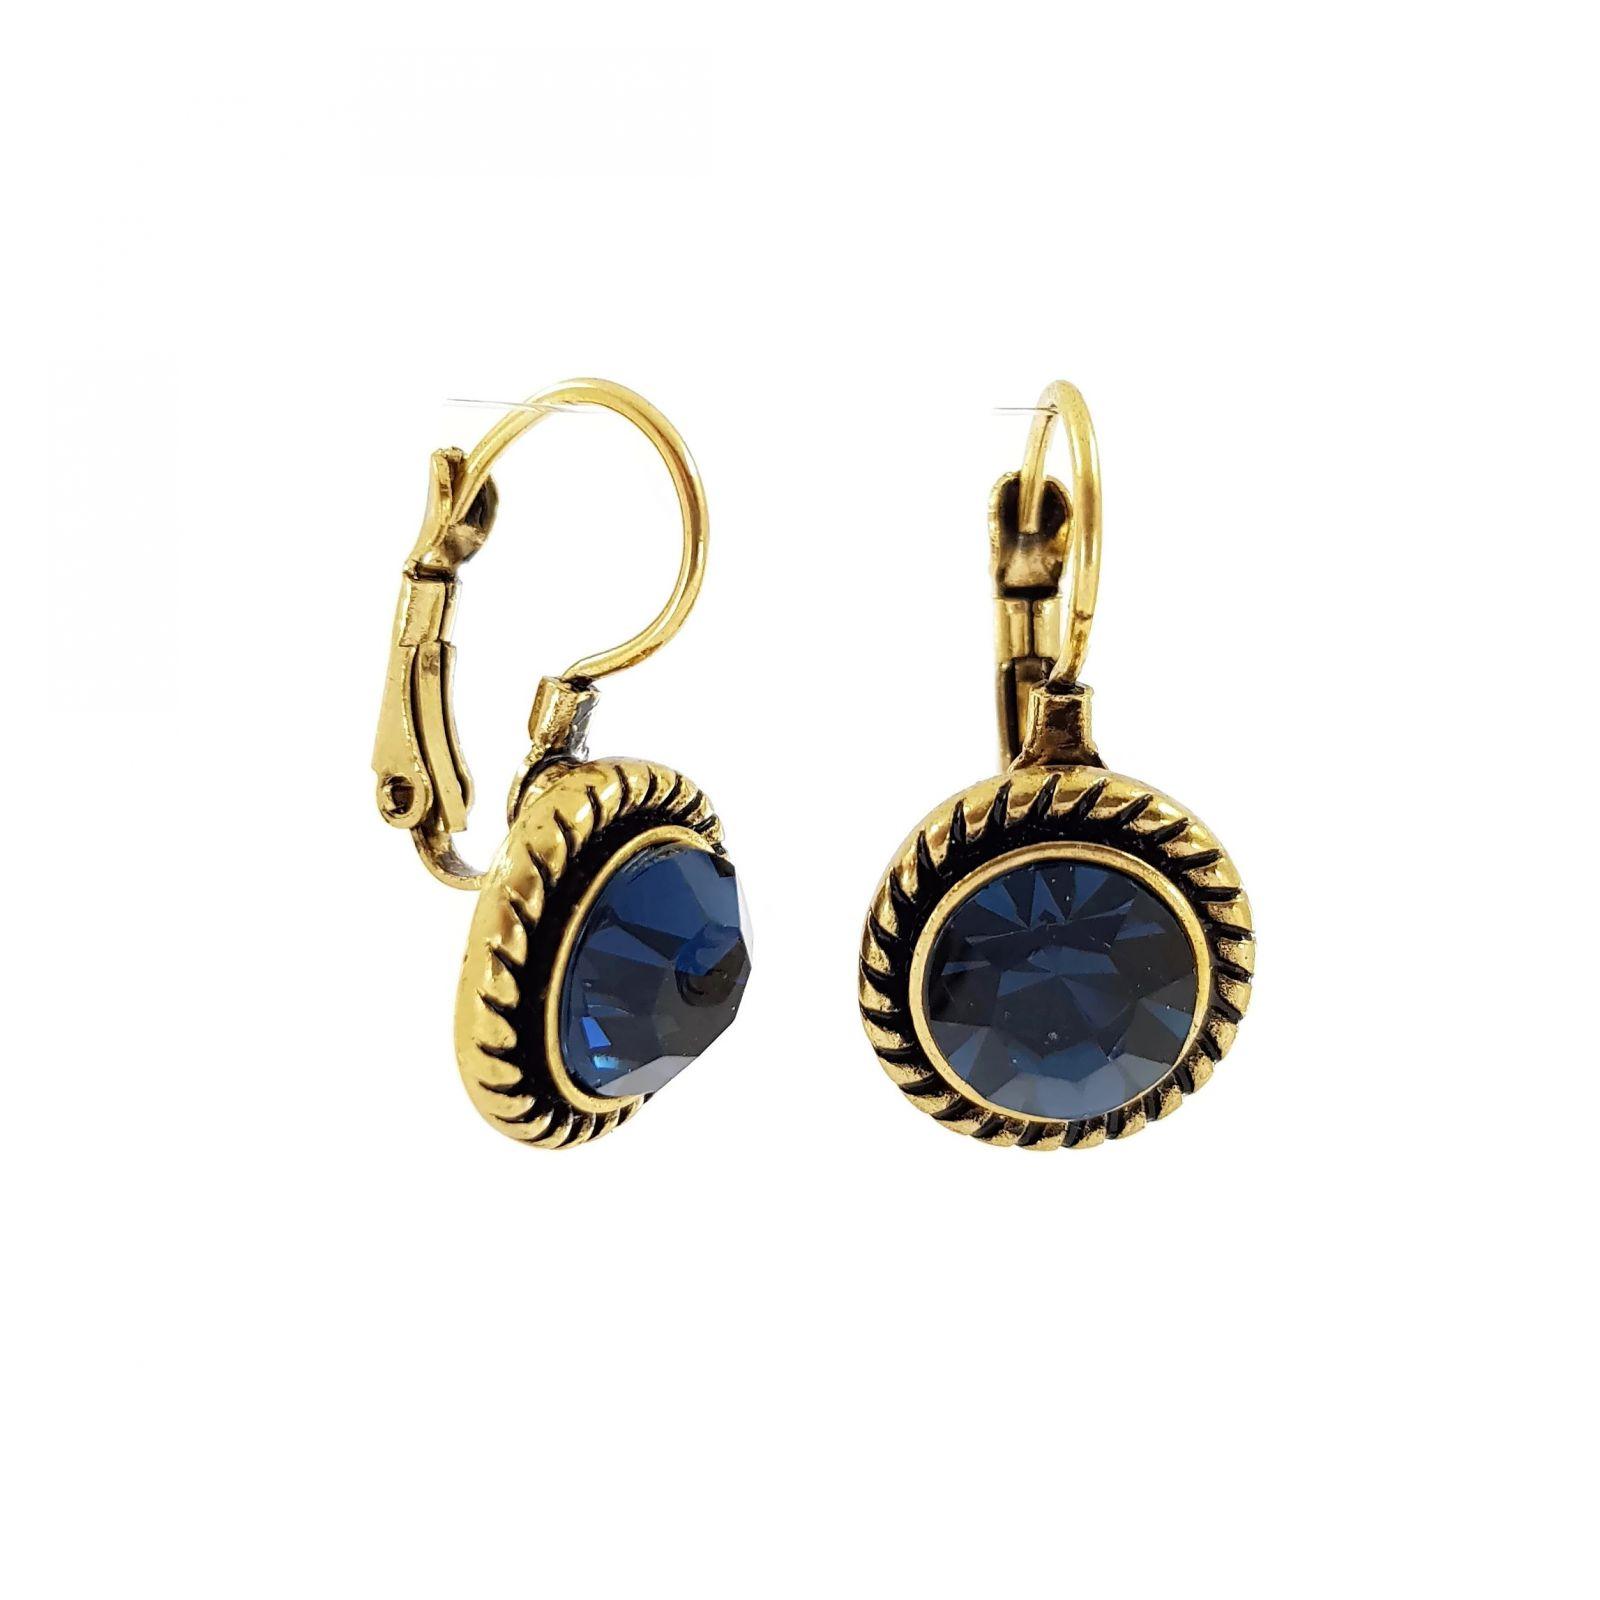 Náušnice Dva páry s modrými a bílými kamínky GIIL